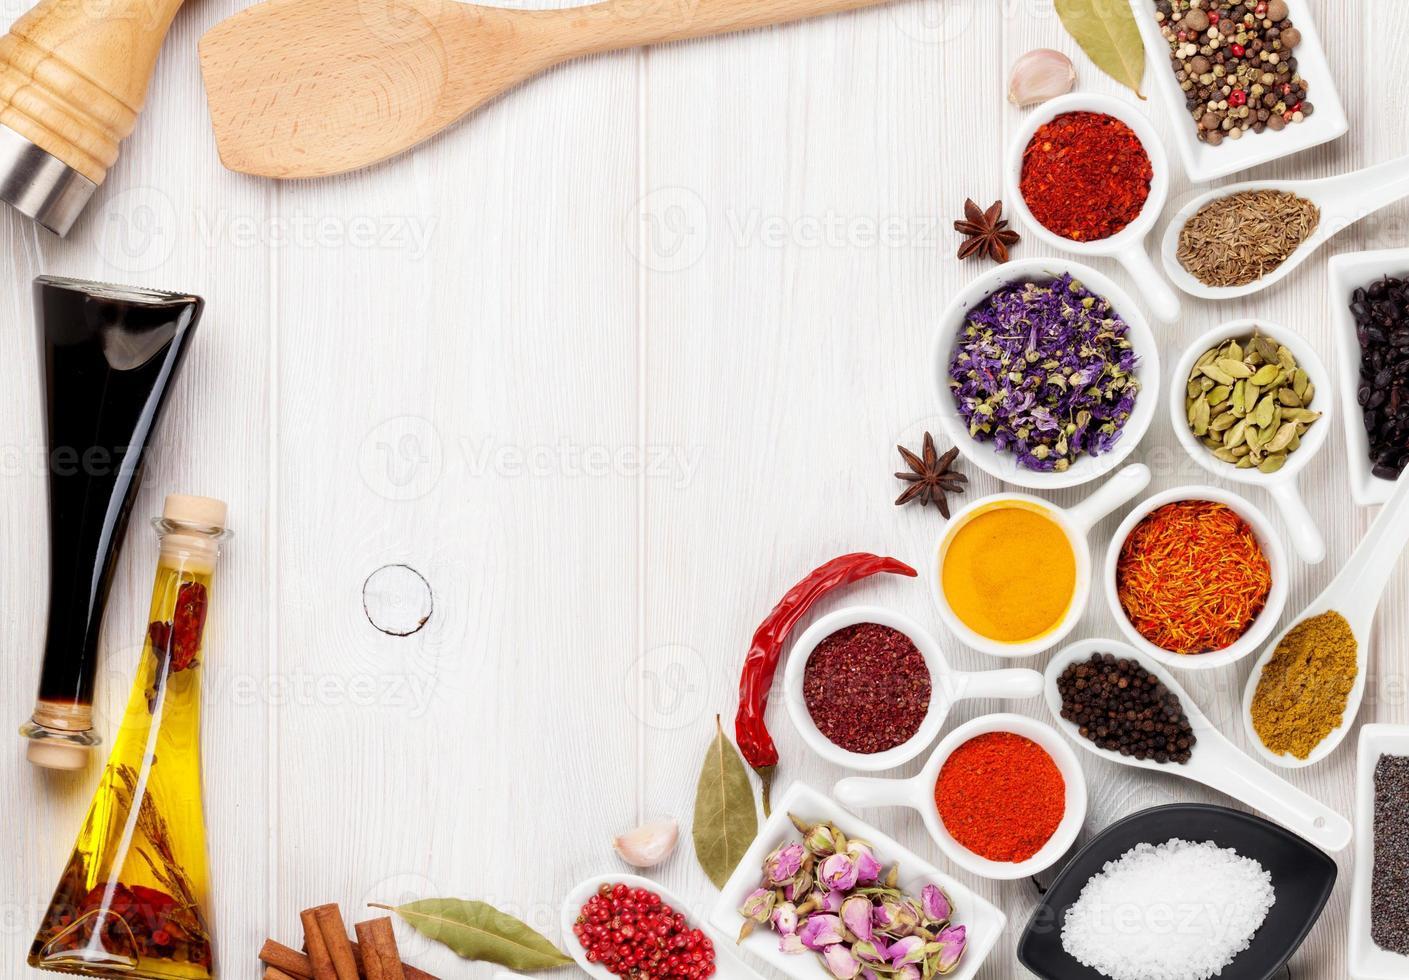 várias especiarias e condimentos em fundo branco de madeira foto